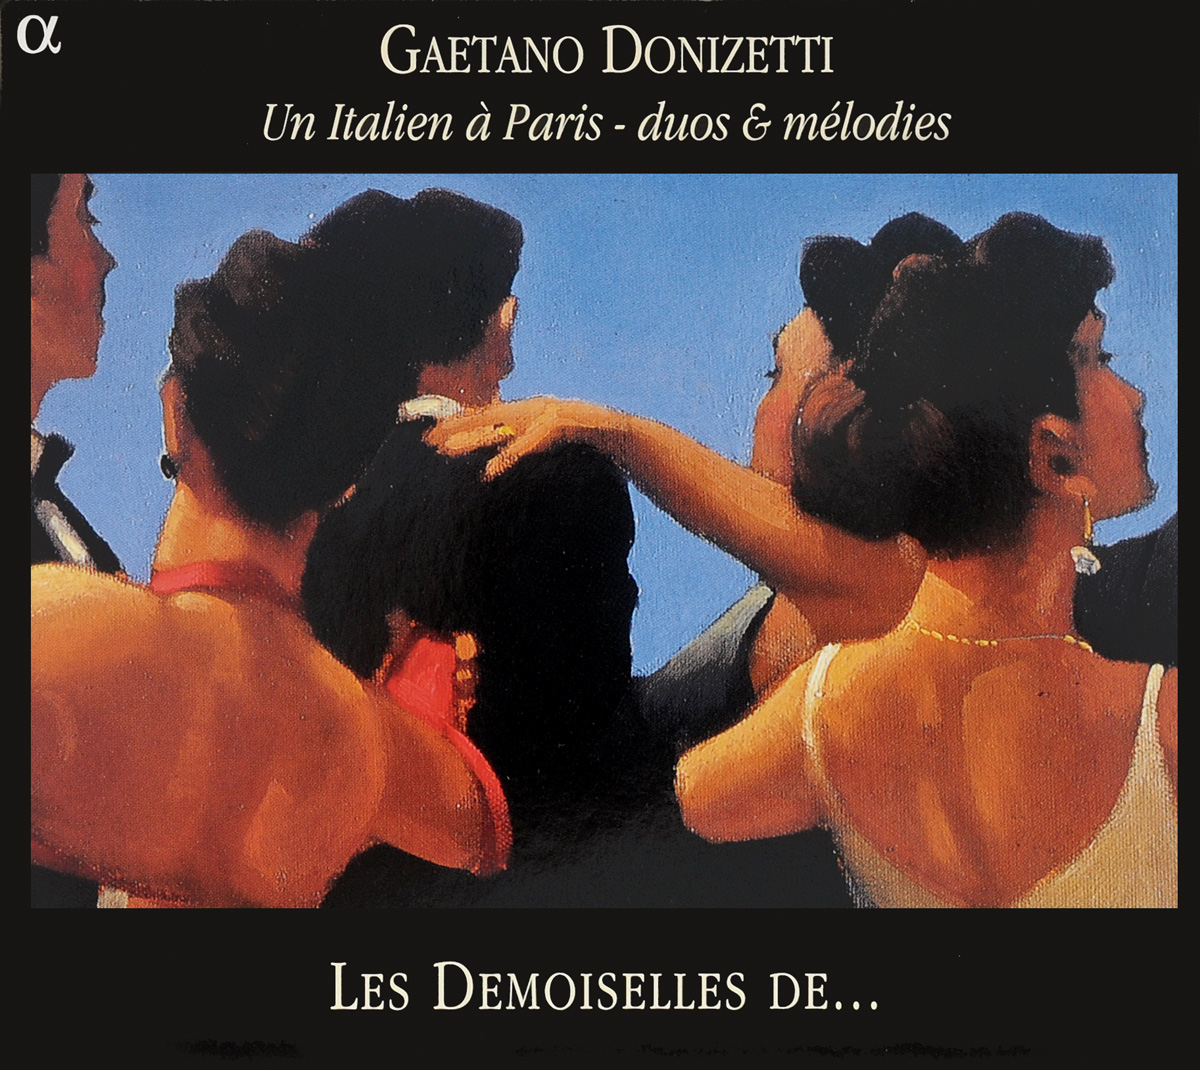 Gaetano Donizetti - Les Demoiselles De ... Un Italien A Paris - Duos & Melodies caballe c donizetti